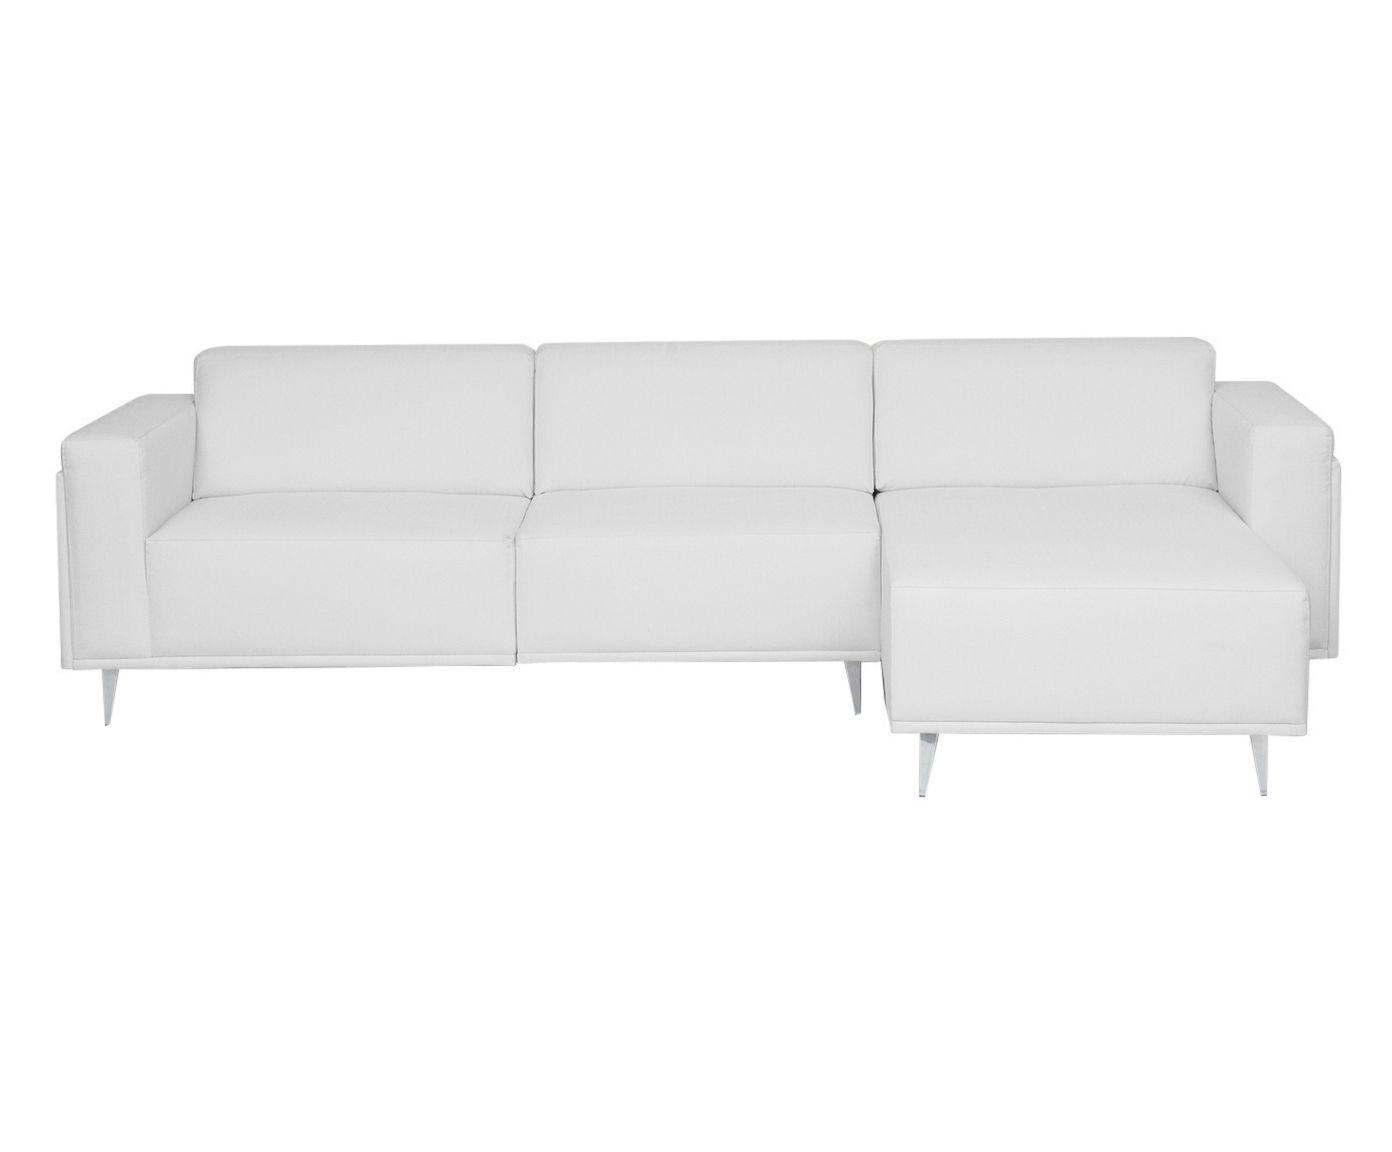 Sofá Modular em Linho com Chaise Esquerda Antonio Cotton Cru - 250cm   Westwing.com.br